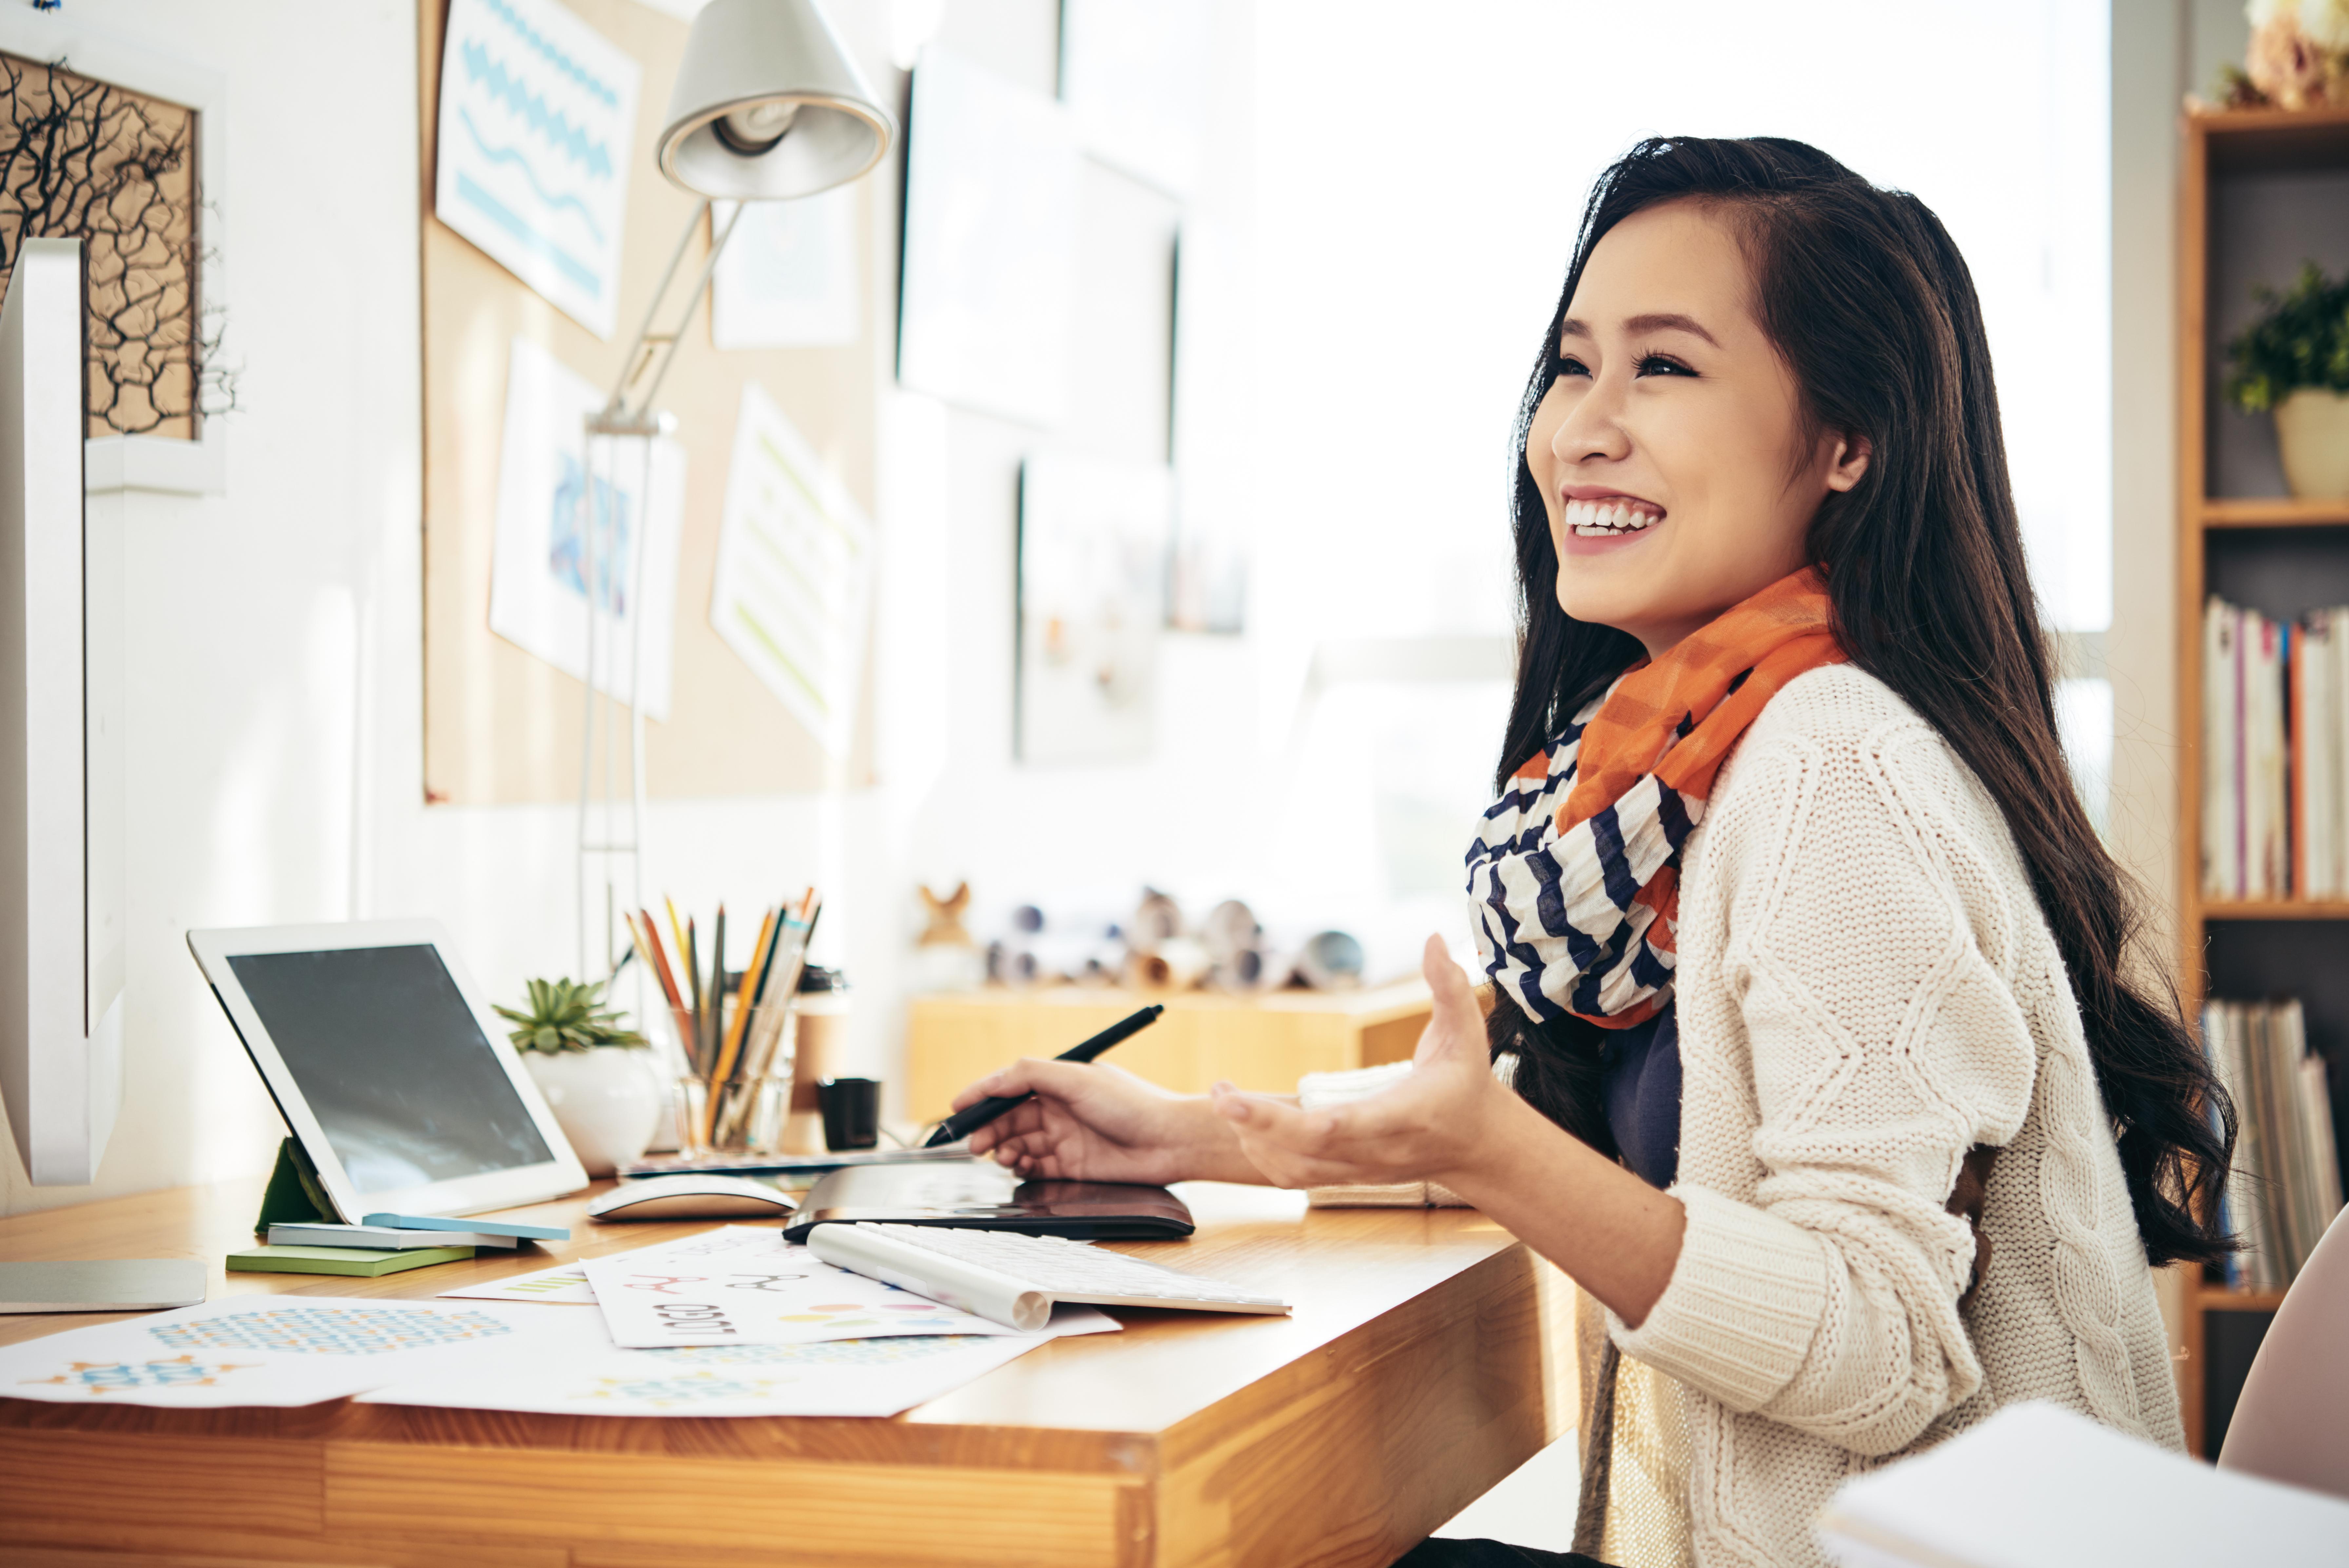 woman-at-office-39KE7NC